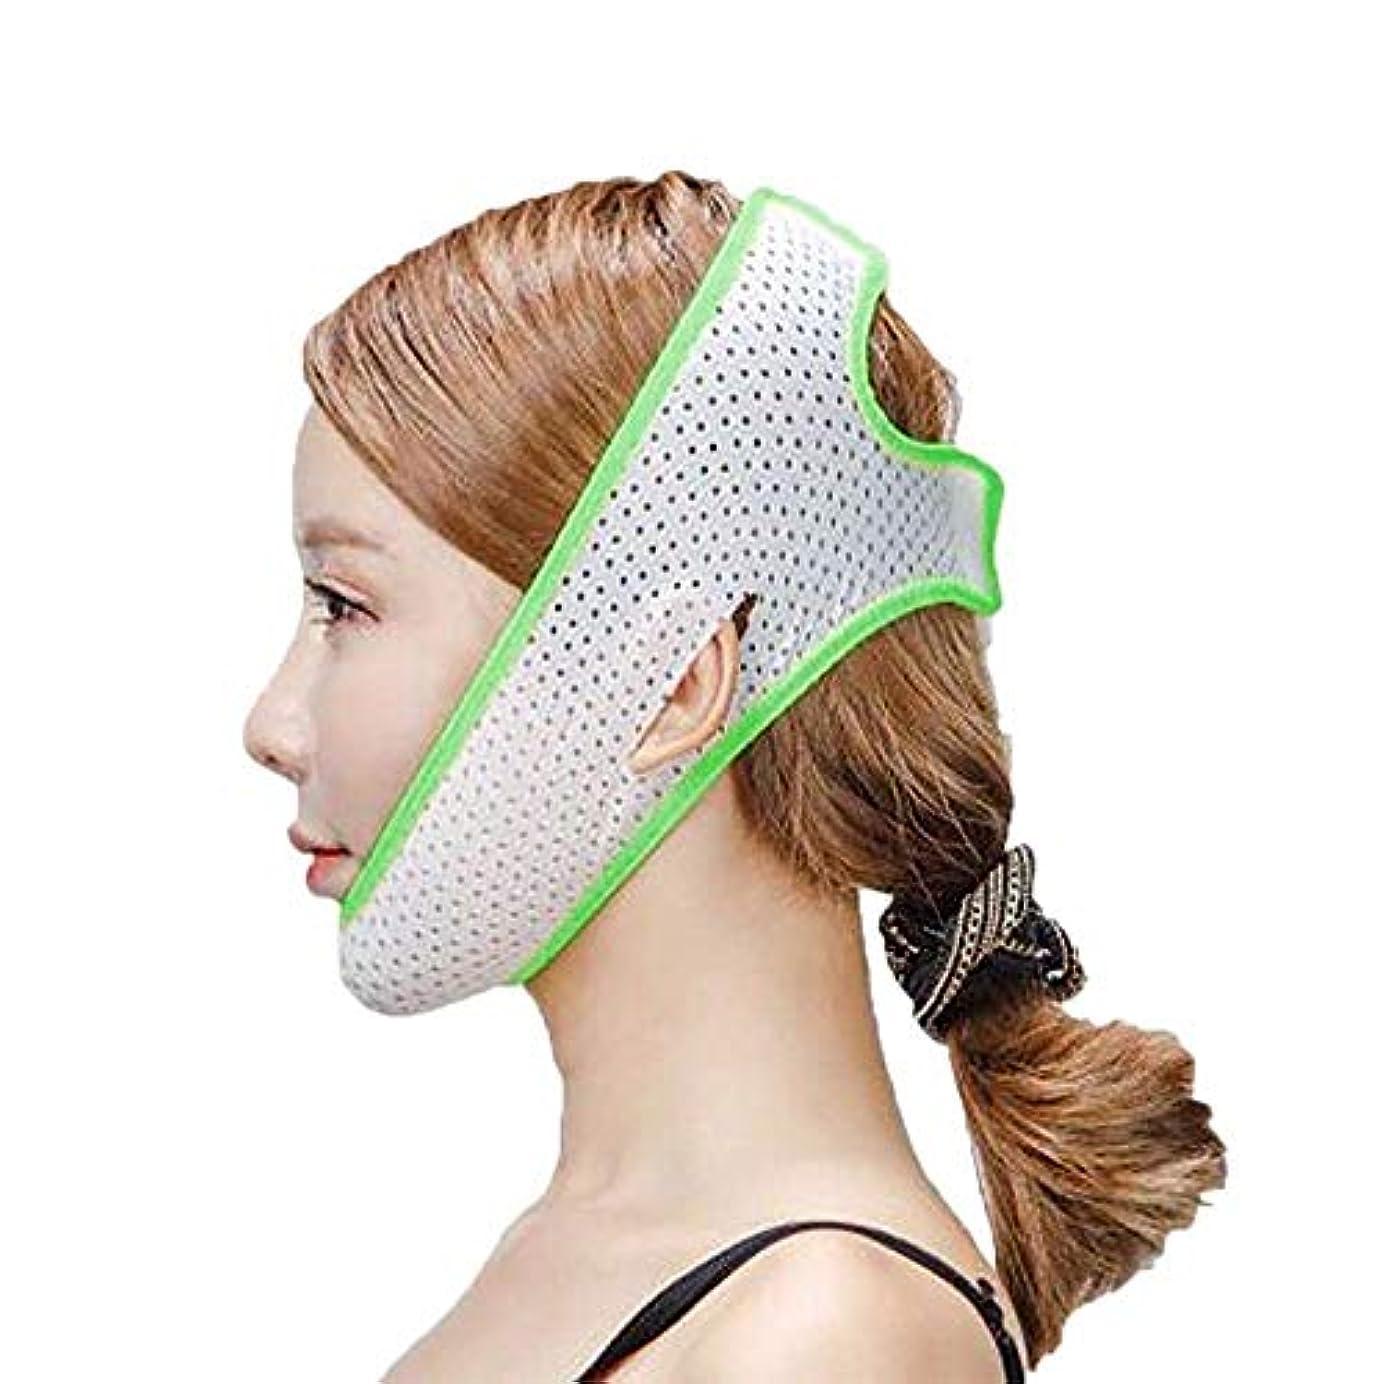 ストラトフォードオンエイボン解決玉ねぎフェイスリフトマスク、ダブルチンストラップ、フェイシャル減量マスク、フェイシャルダブルチンケアスリミングマスク、リンクルマスク(フリーサイズ)(カラー:ブラック),緑